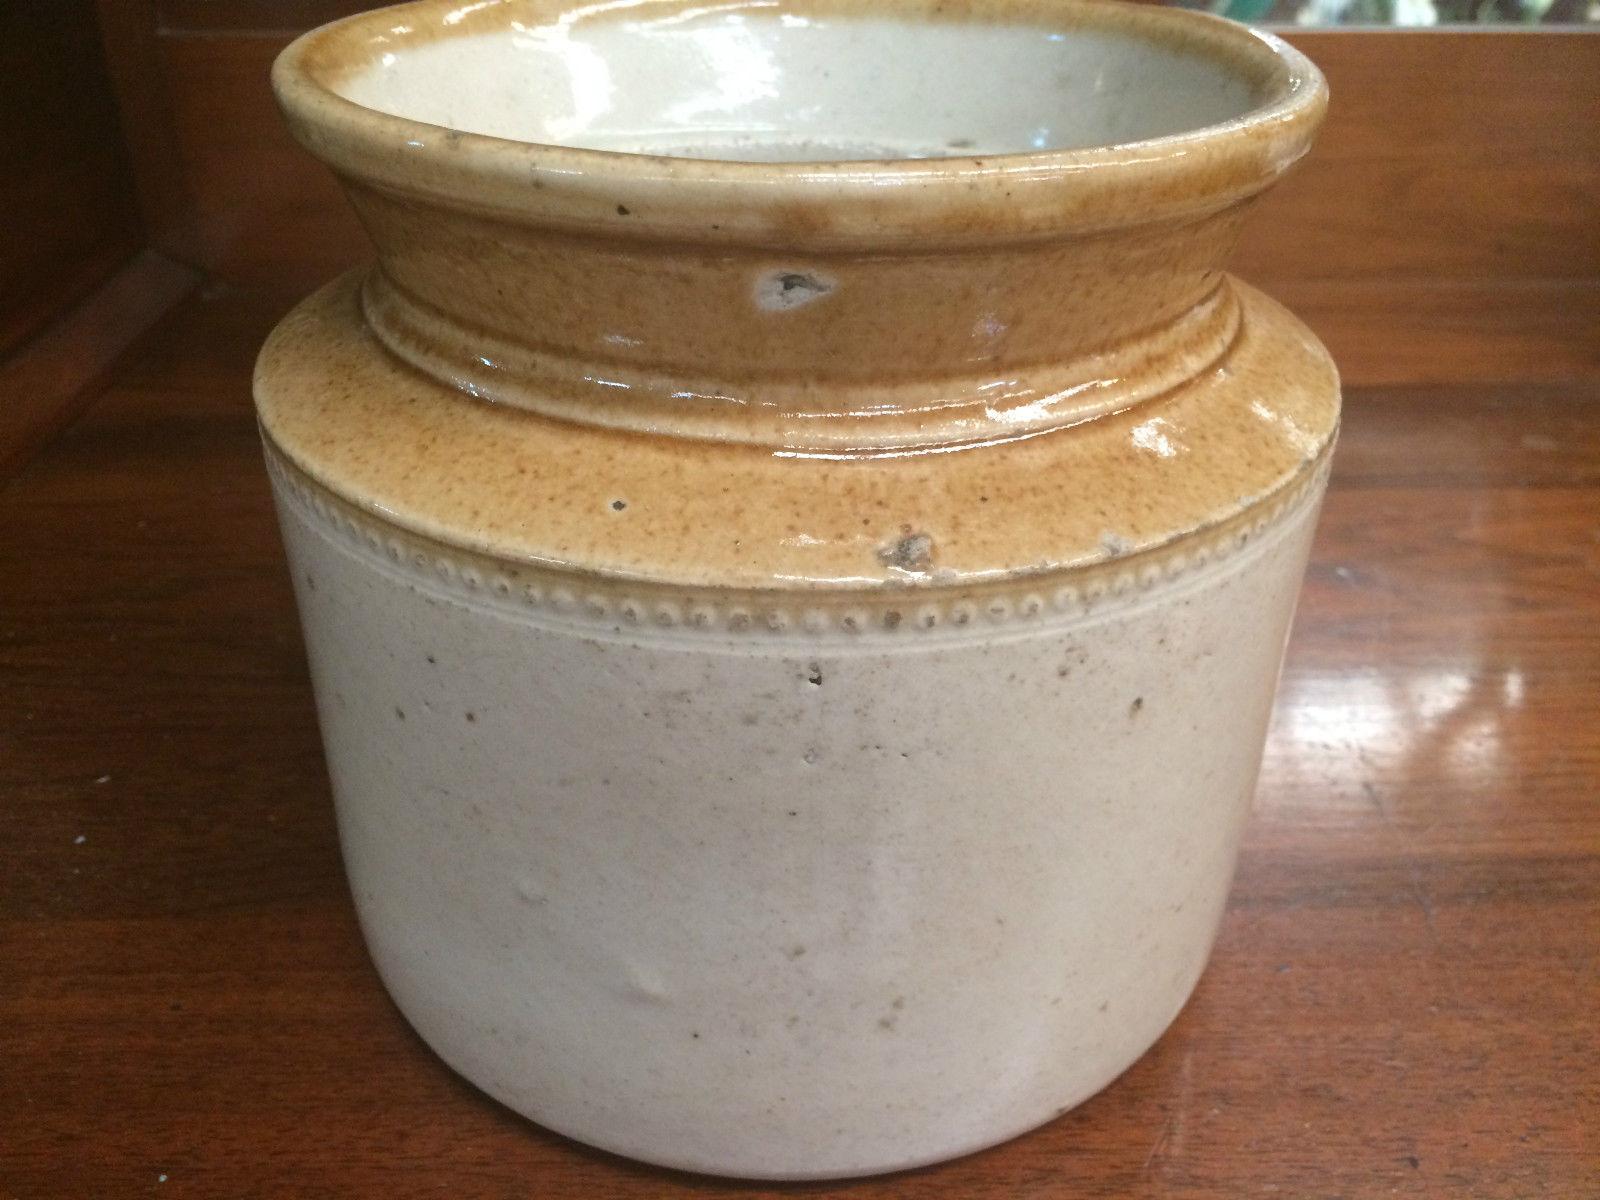 VIntage Large Stoneware Pottery Demijohn Jar |Melbourne | Halsey Road Reccylers